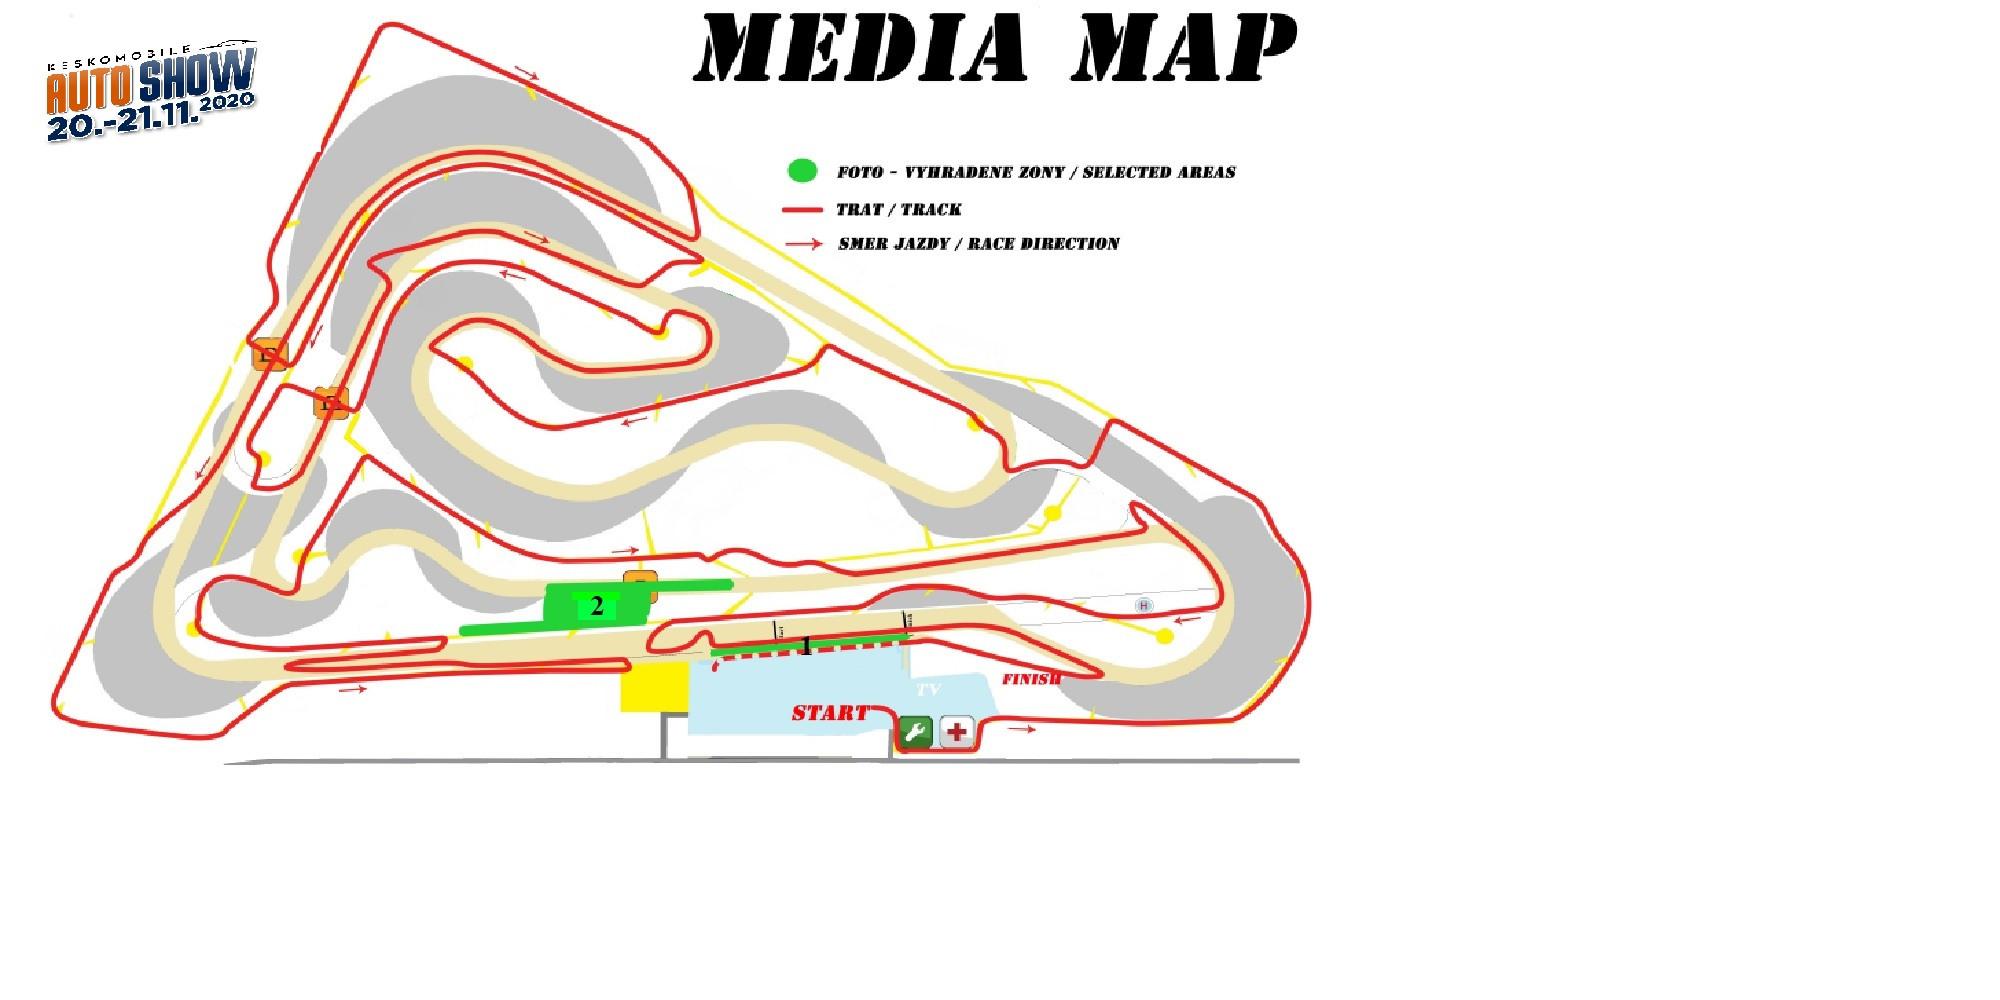 Media mapa auto show 2020